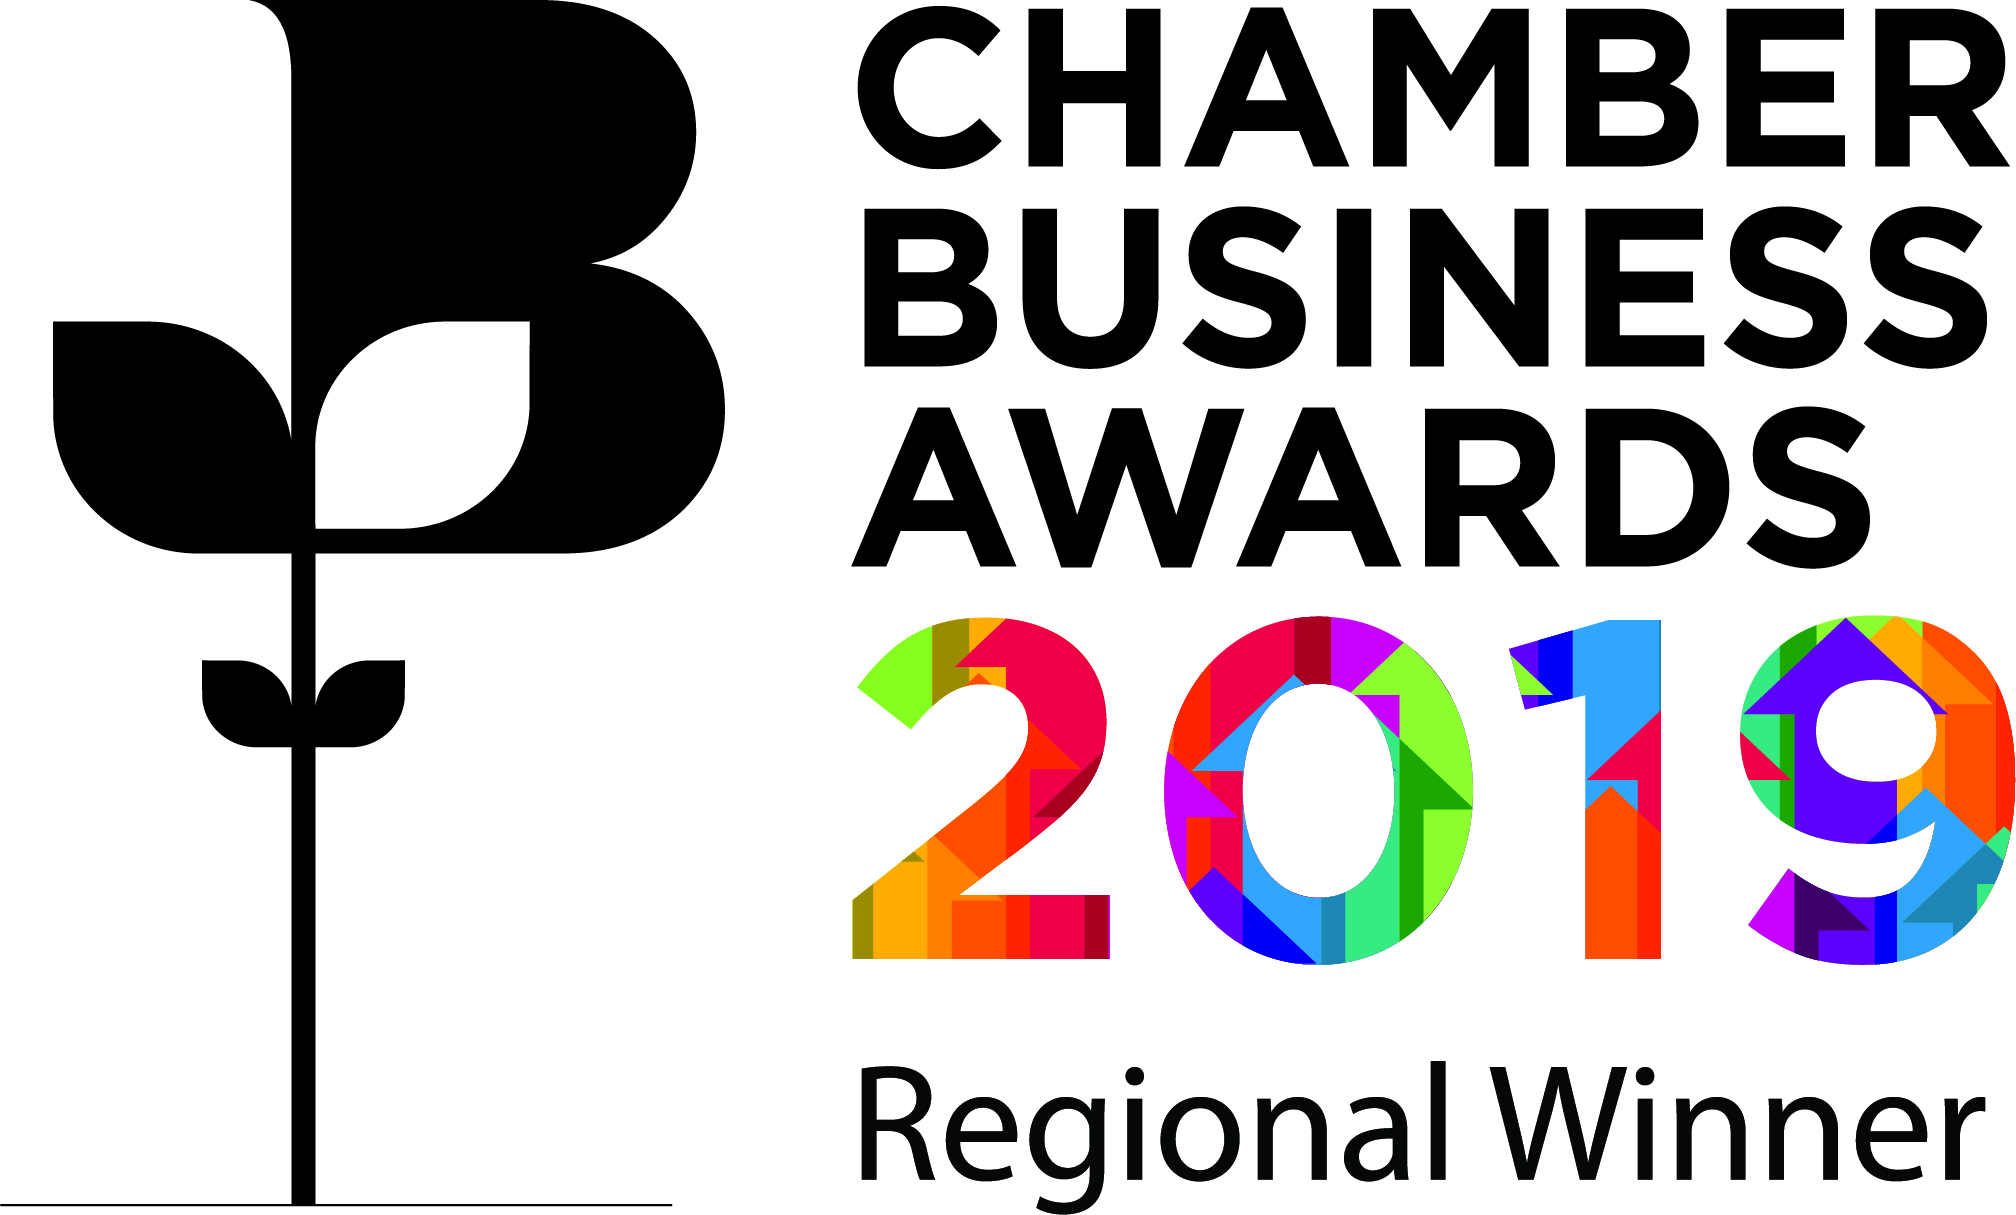 chamber of commerce awards 2019